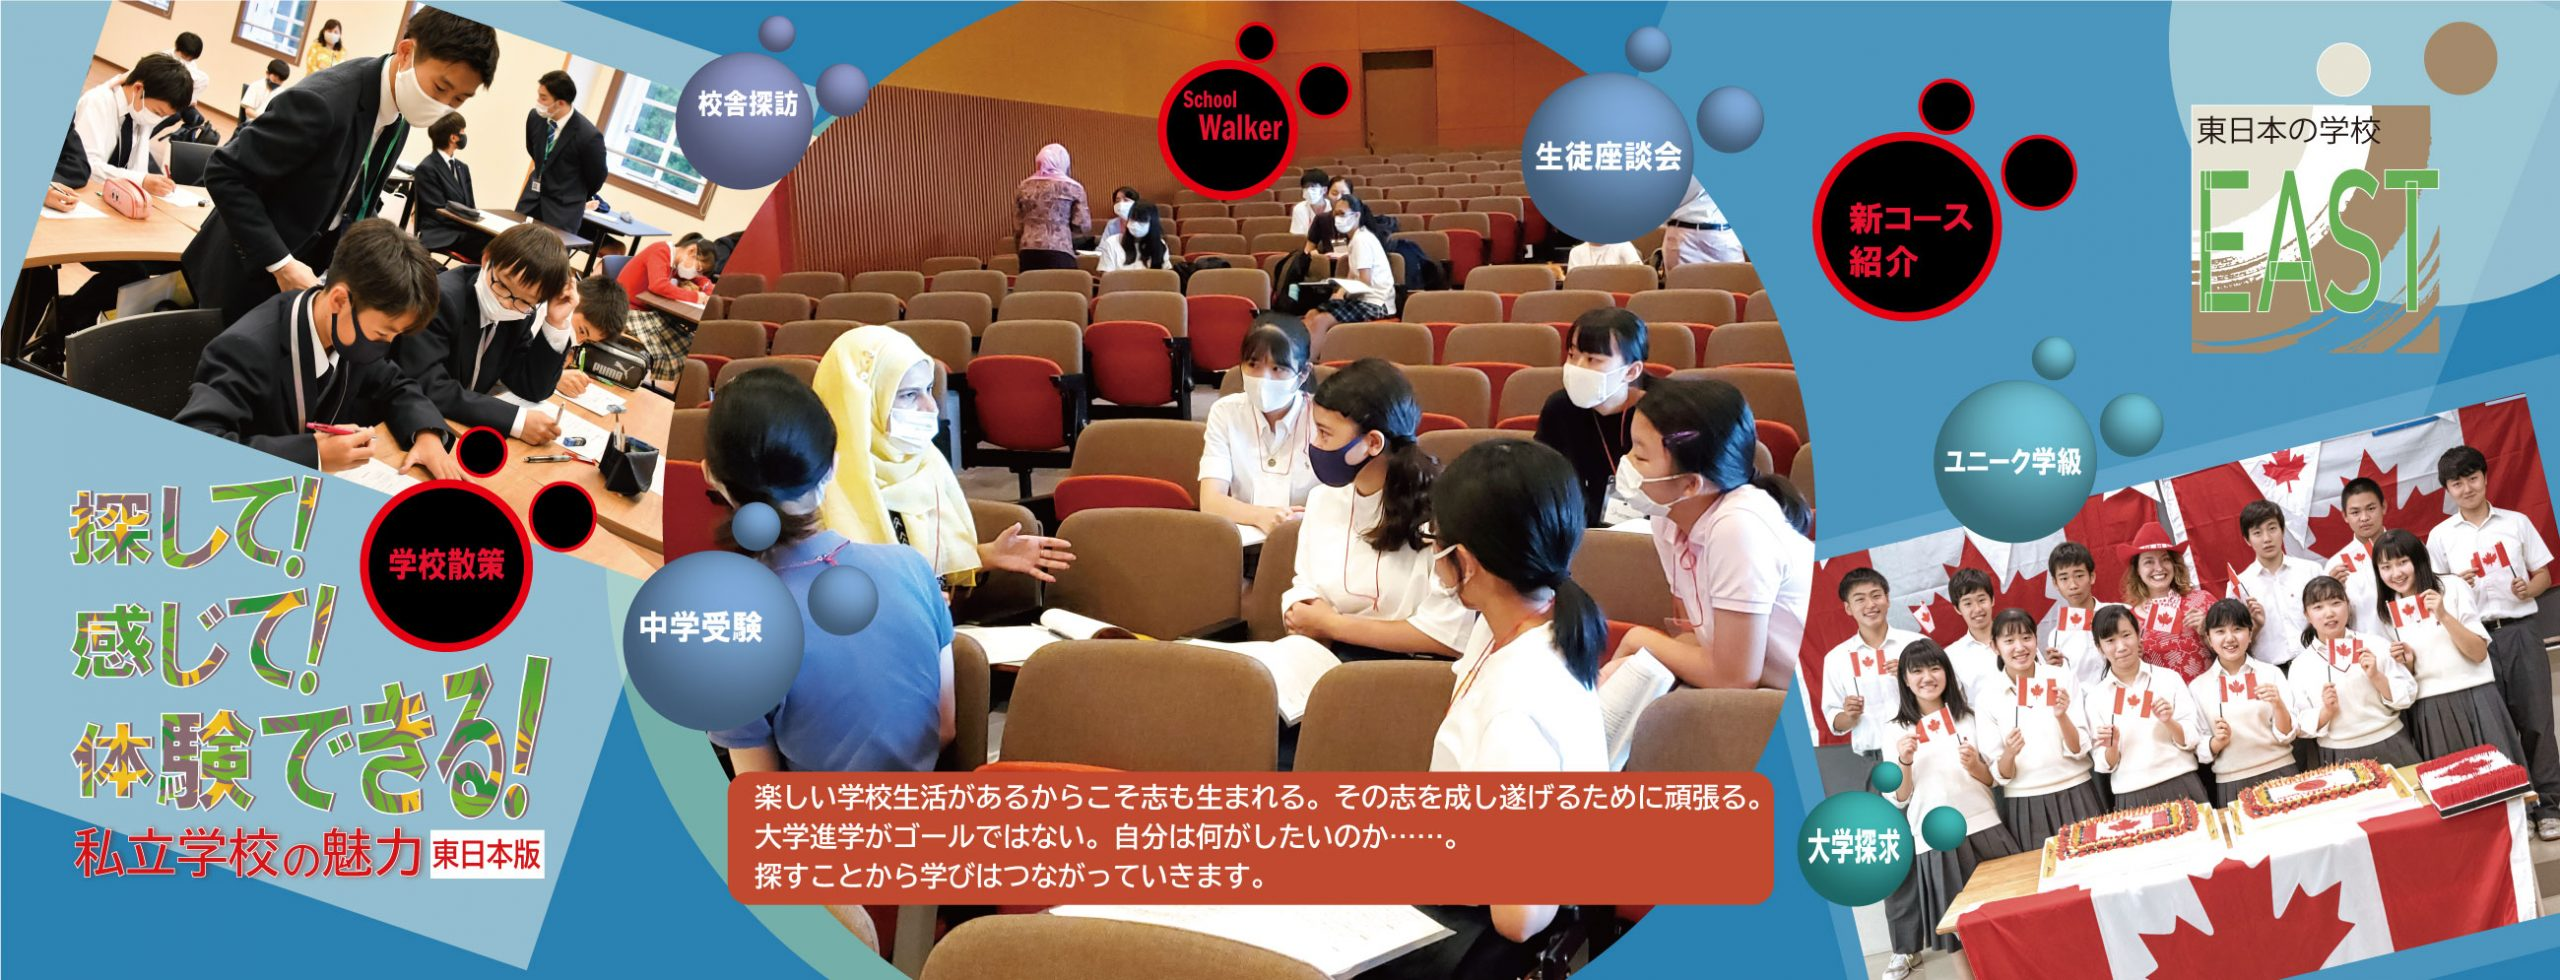 マナビネットオープンスクール2021(公開中!)